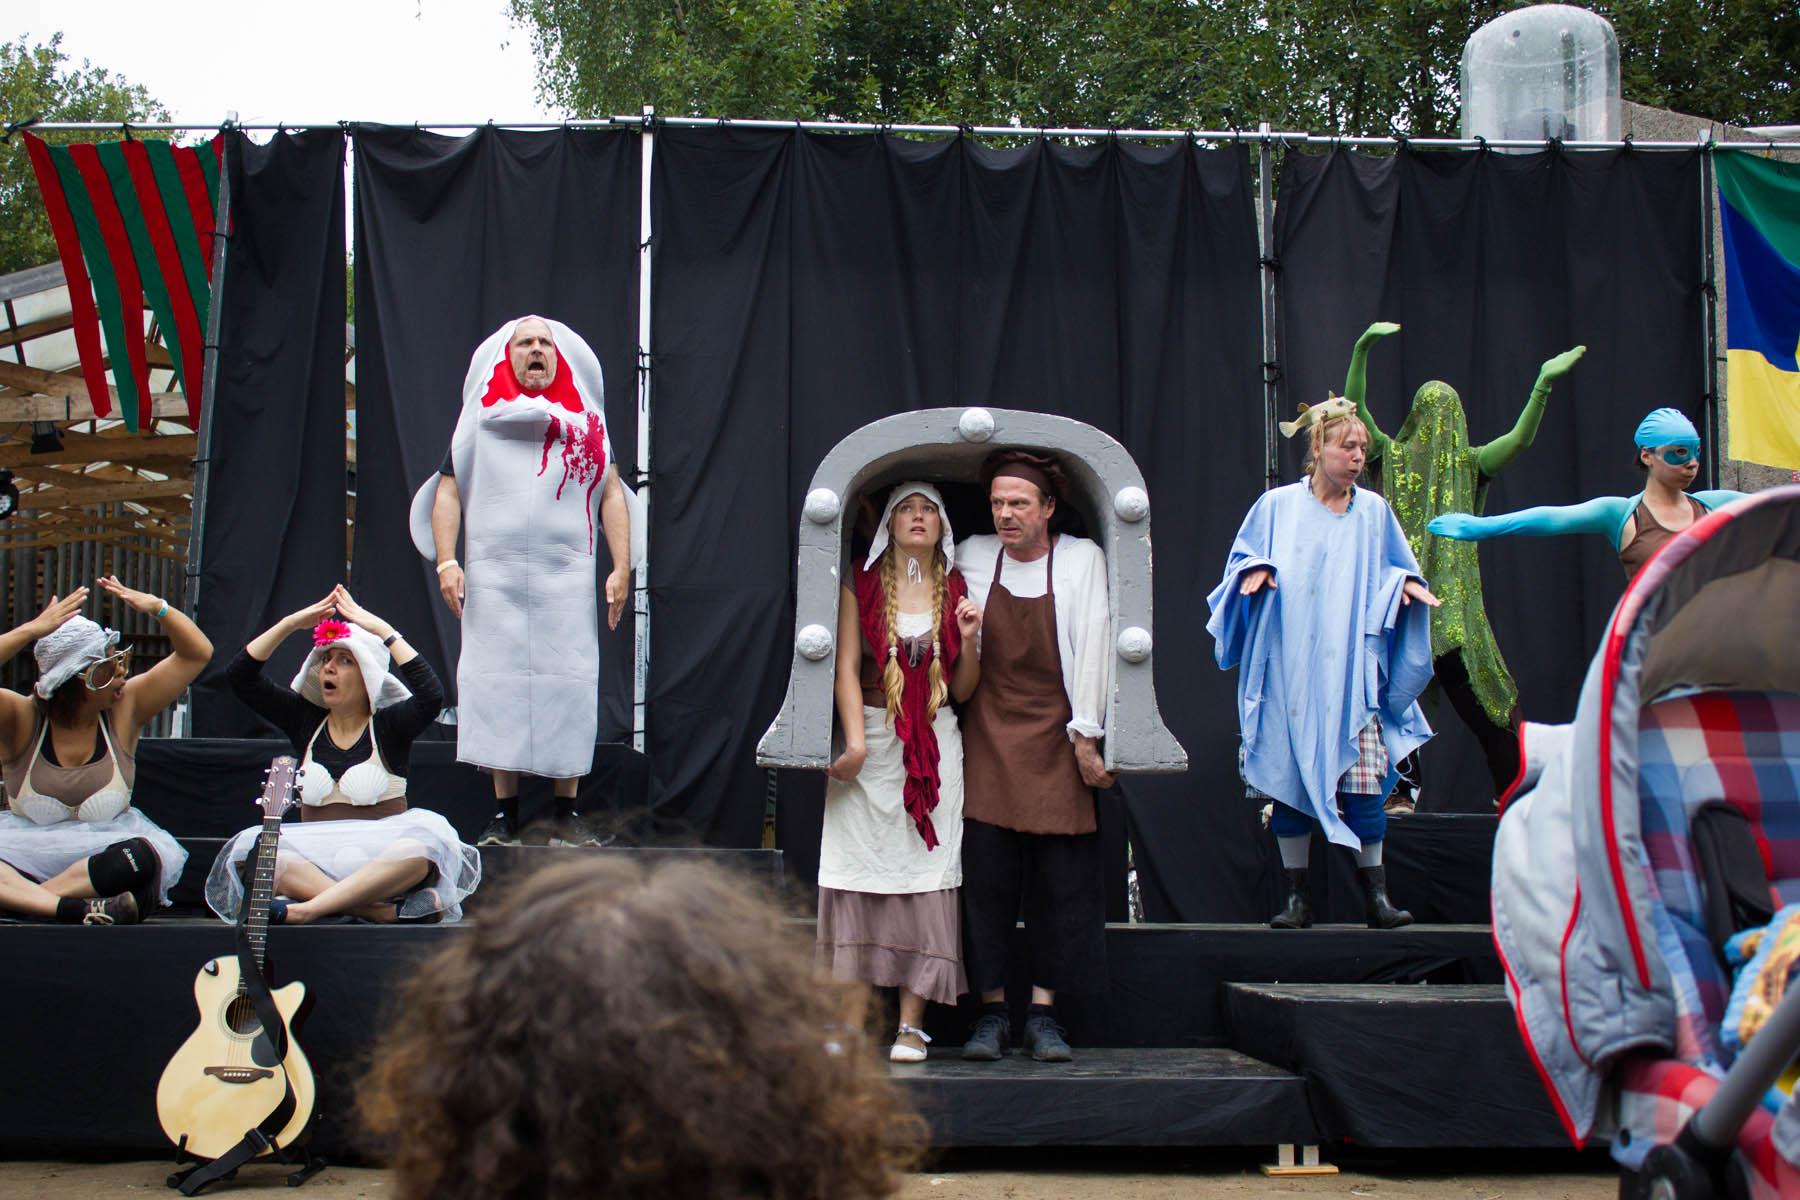 Axel Füllgraf - Burgfest / Artschlussfest 2016